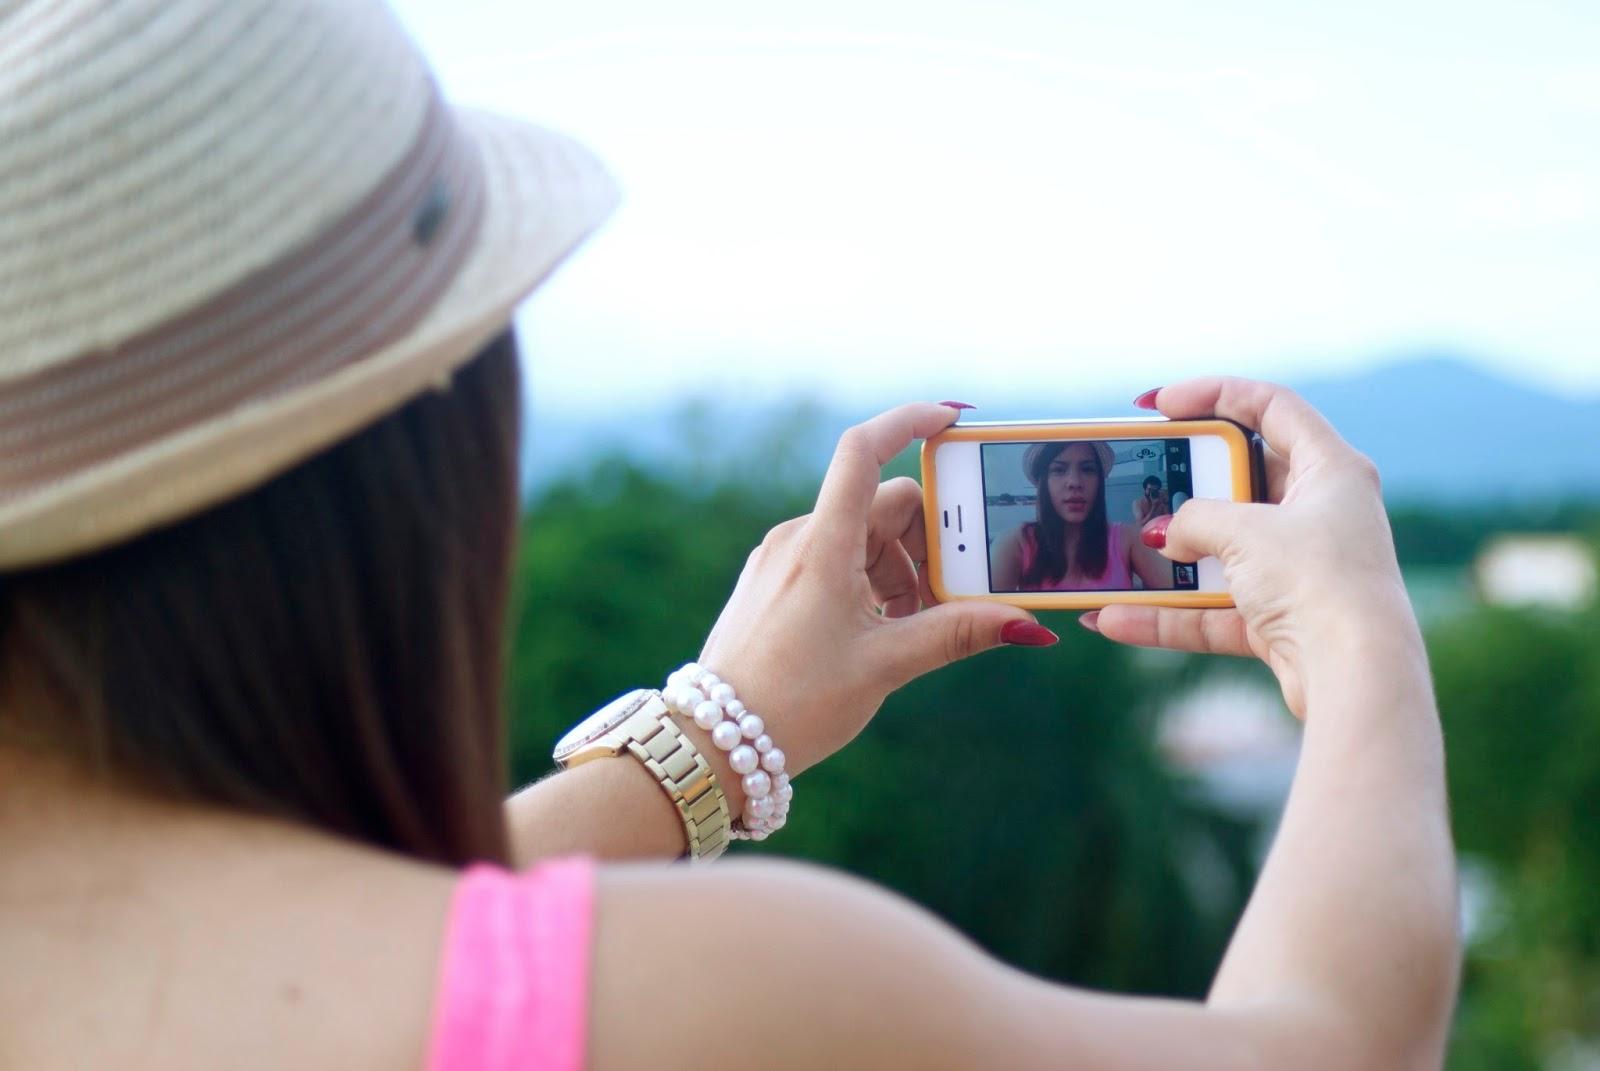 Neutrogena Selfie Dr. Fashionista